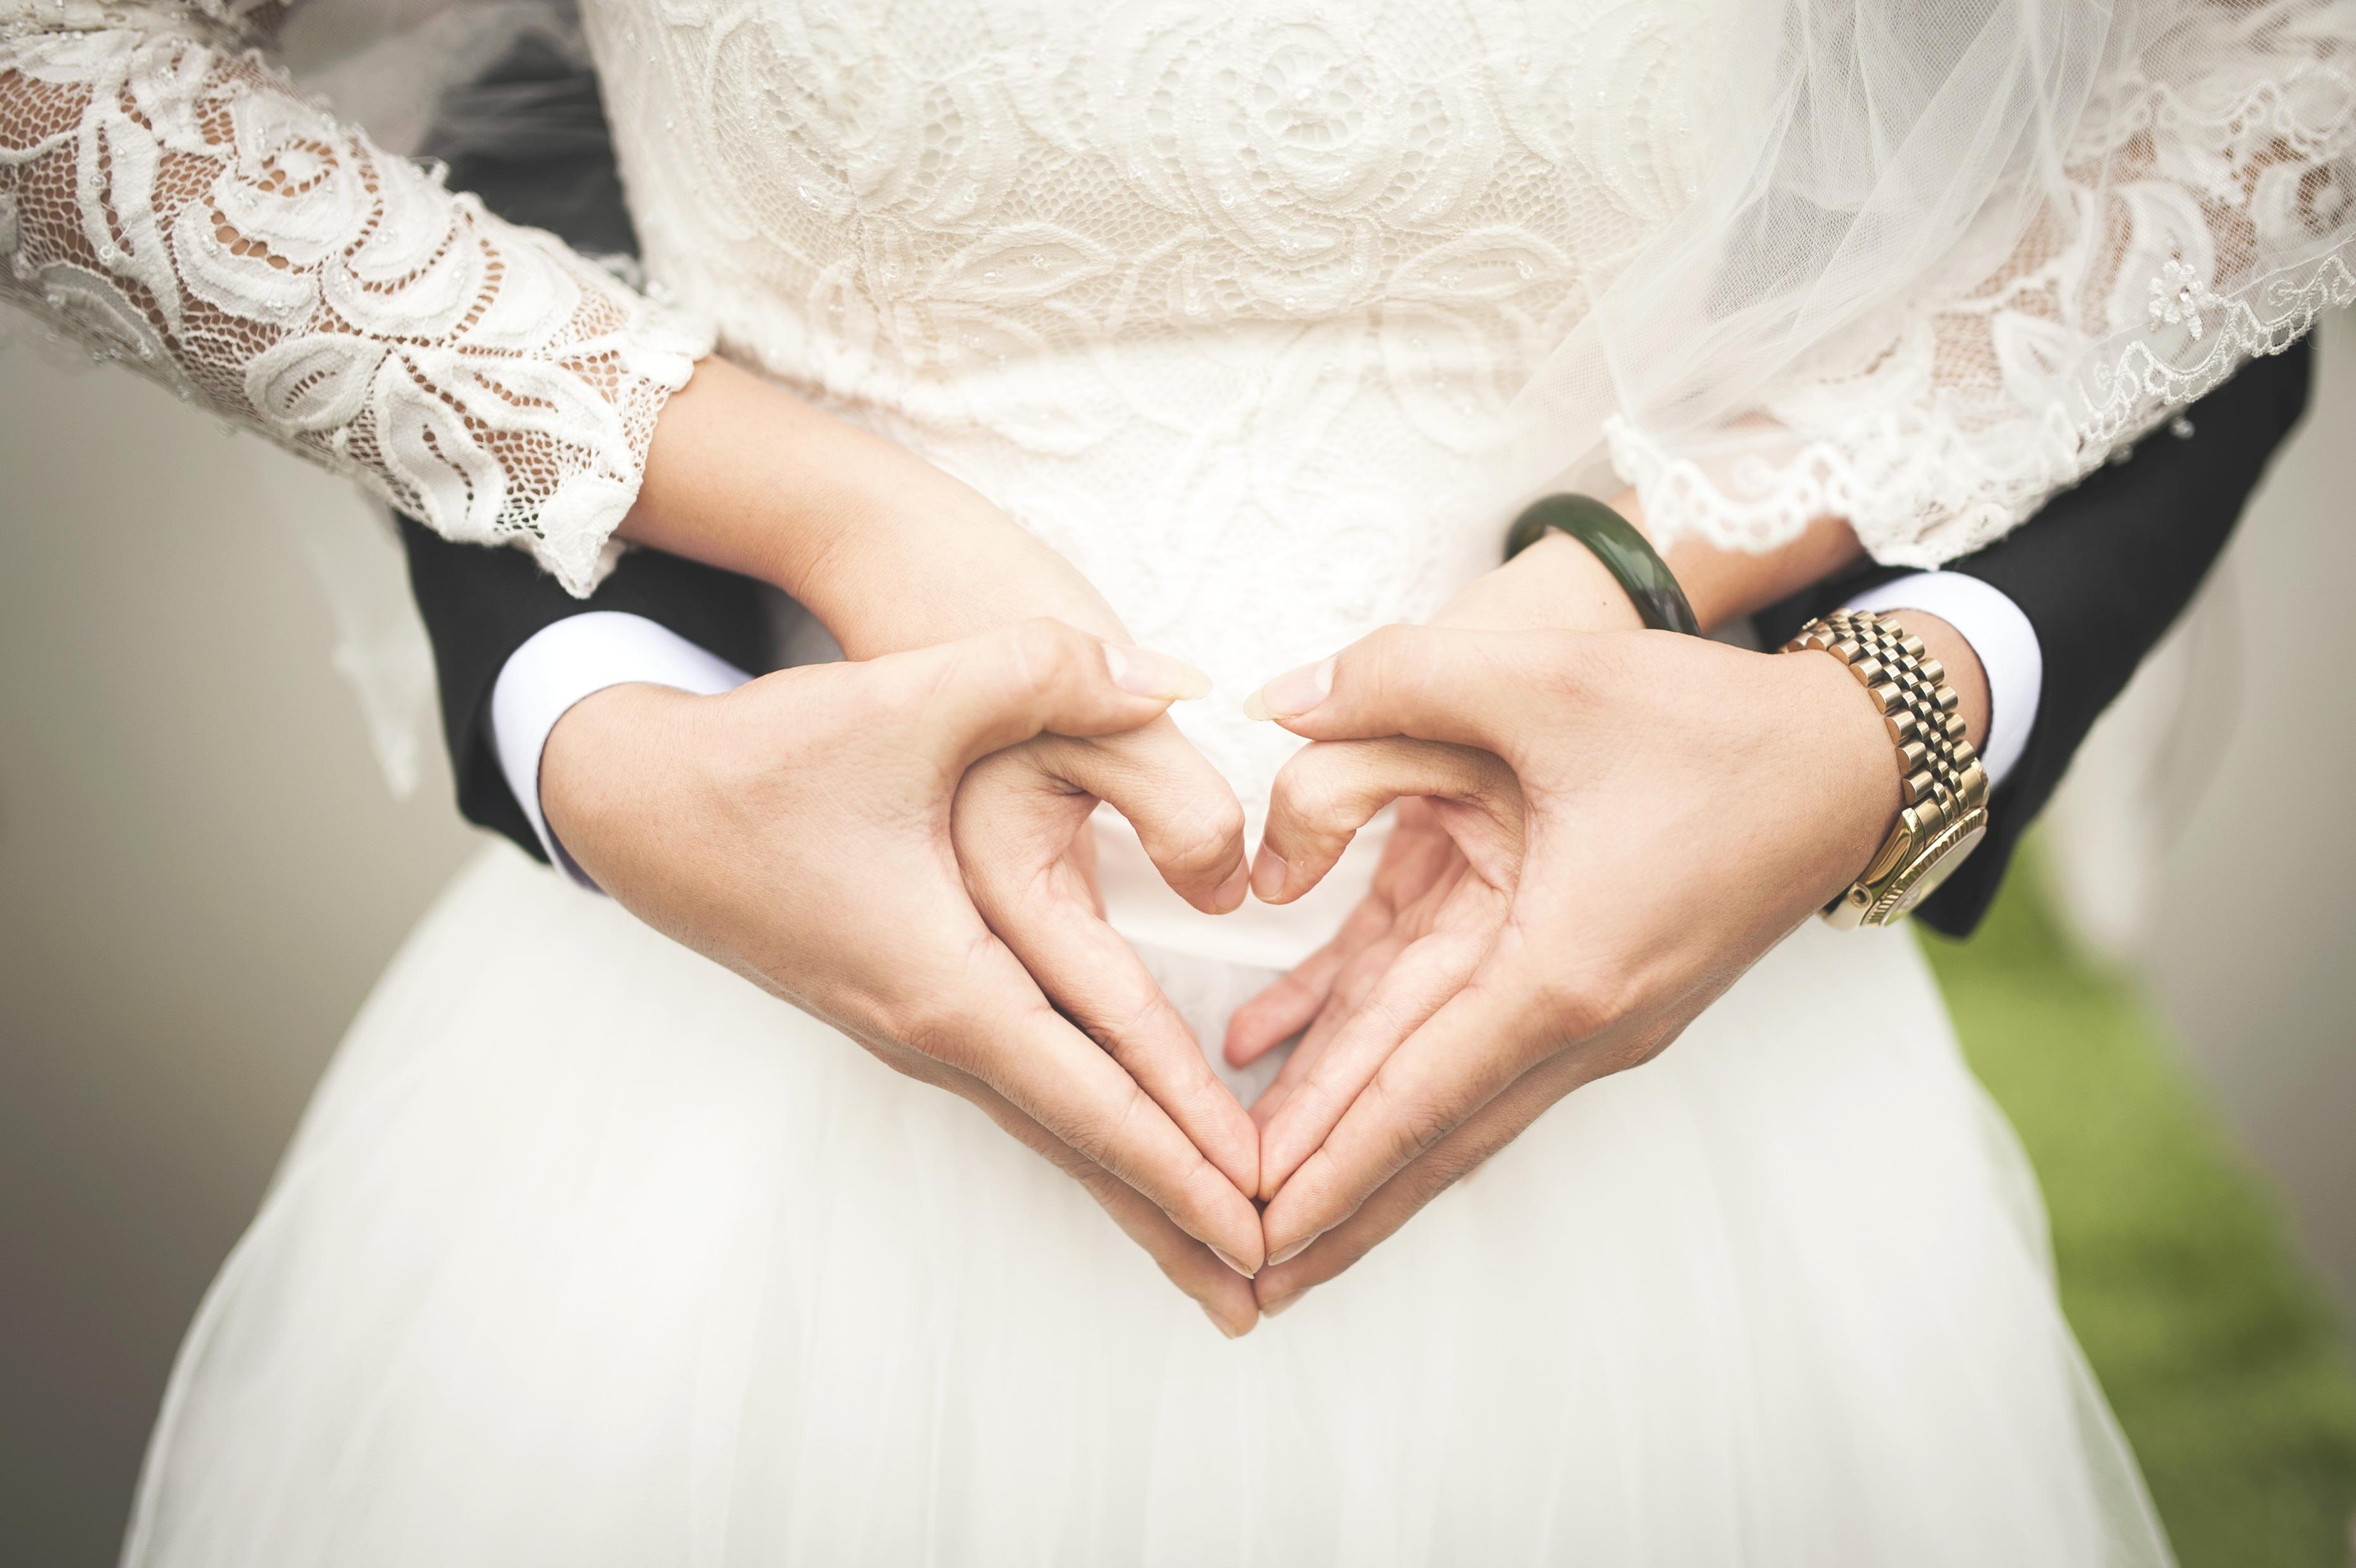 Matrimonio, salute e benessere